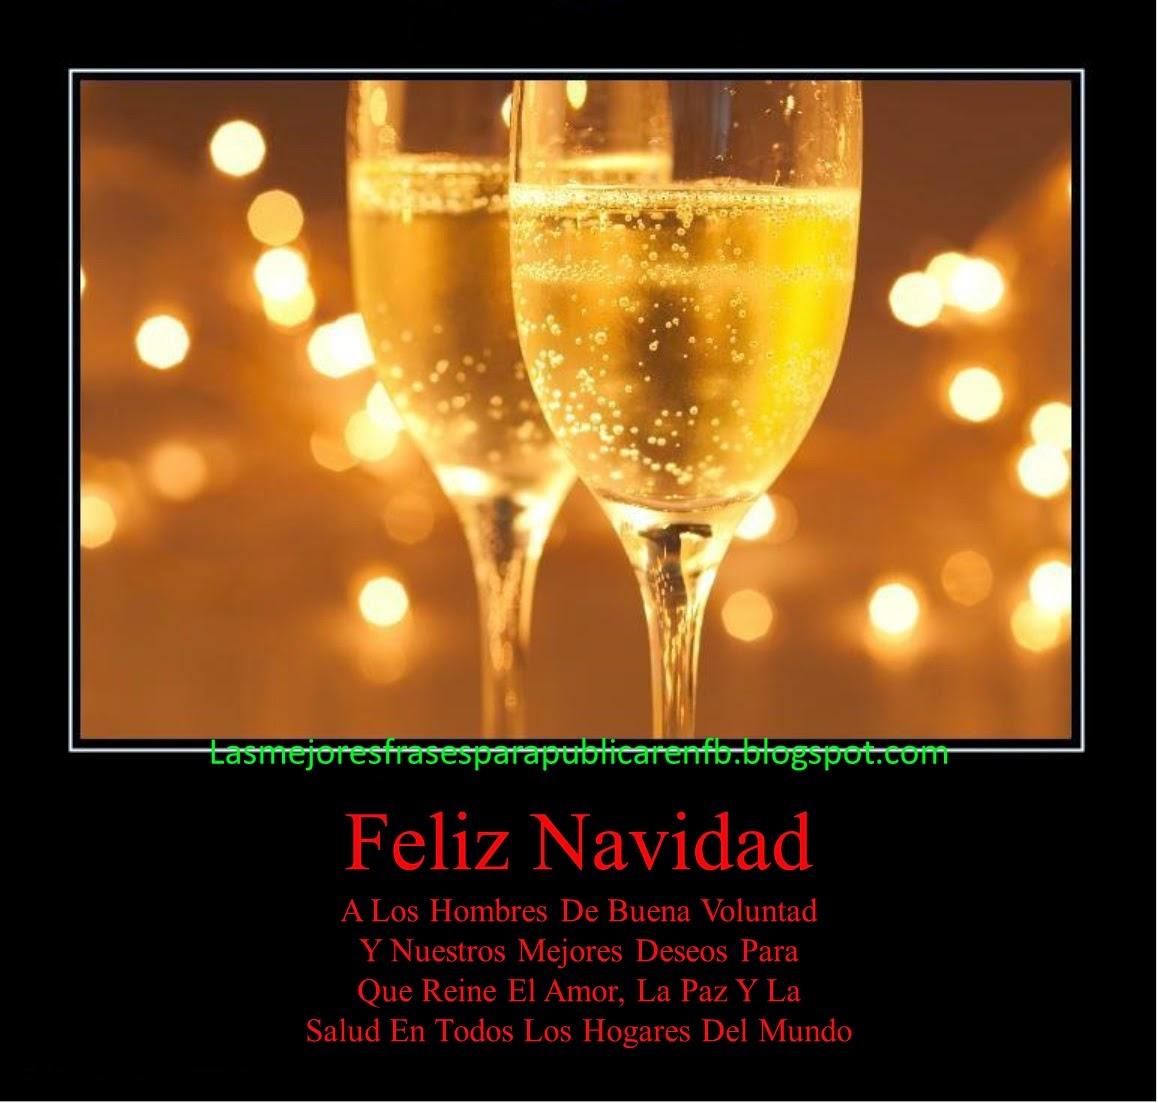 Frases De Navidad: Feliz Navidad A Los Hombres De Buena Voluntad